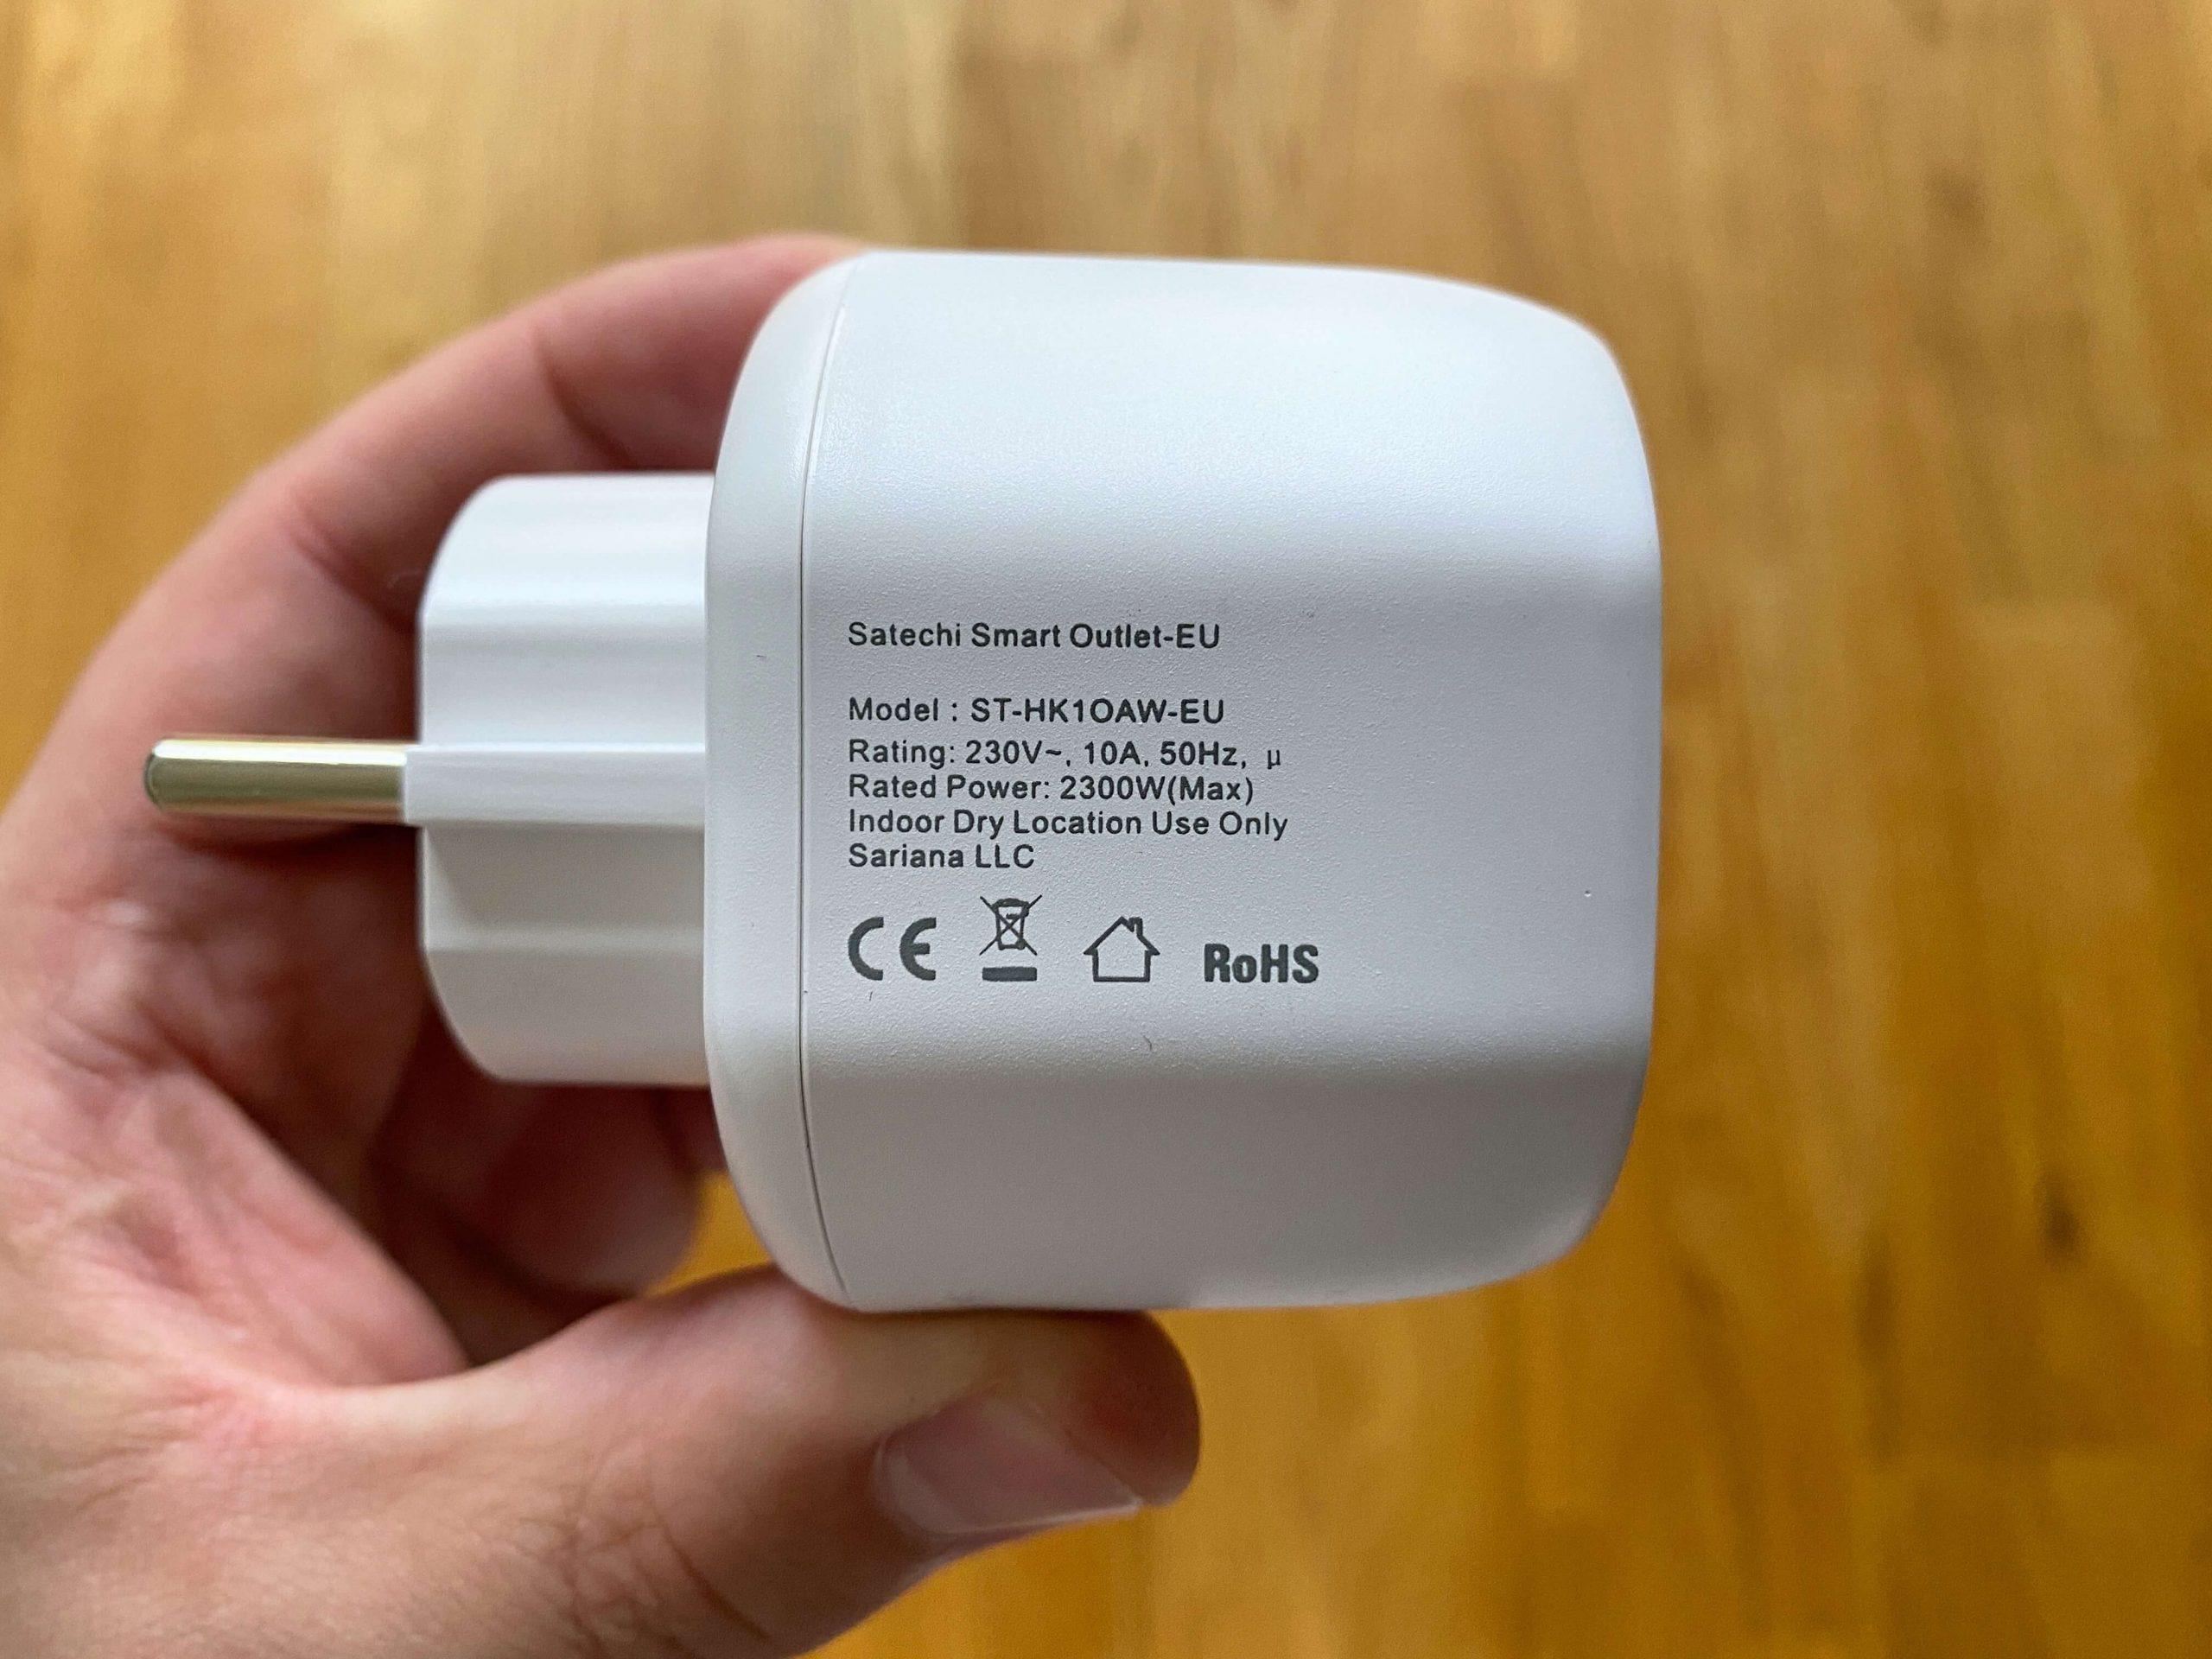 Zwischenstecker-von-Satechi-eingesteckte-Geraete-via-Apple-HomeKit-steuern6-scaled Zwischenstecker von Satechi - eingesteckte Geräte via Apple HomeKit steuern